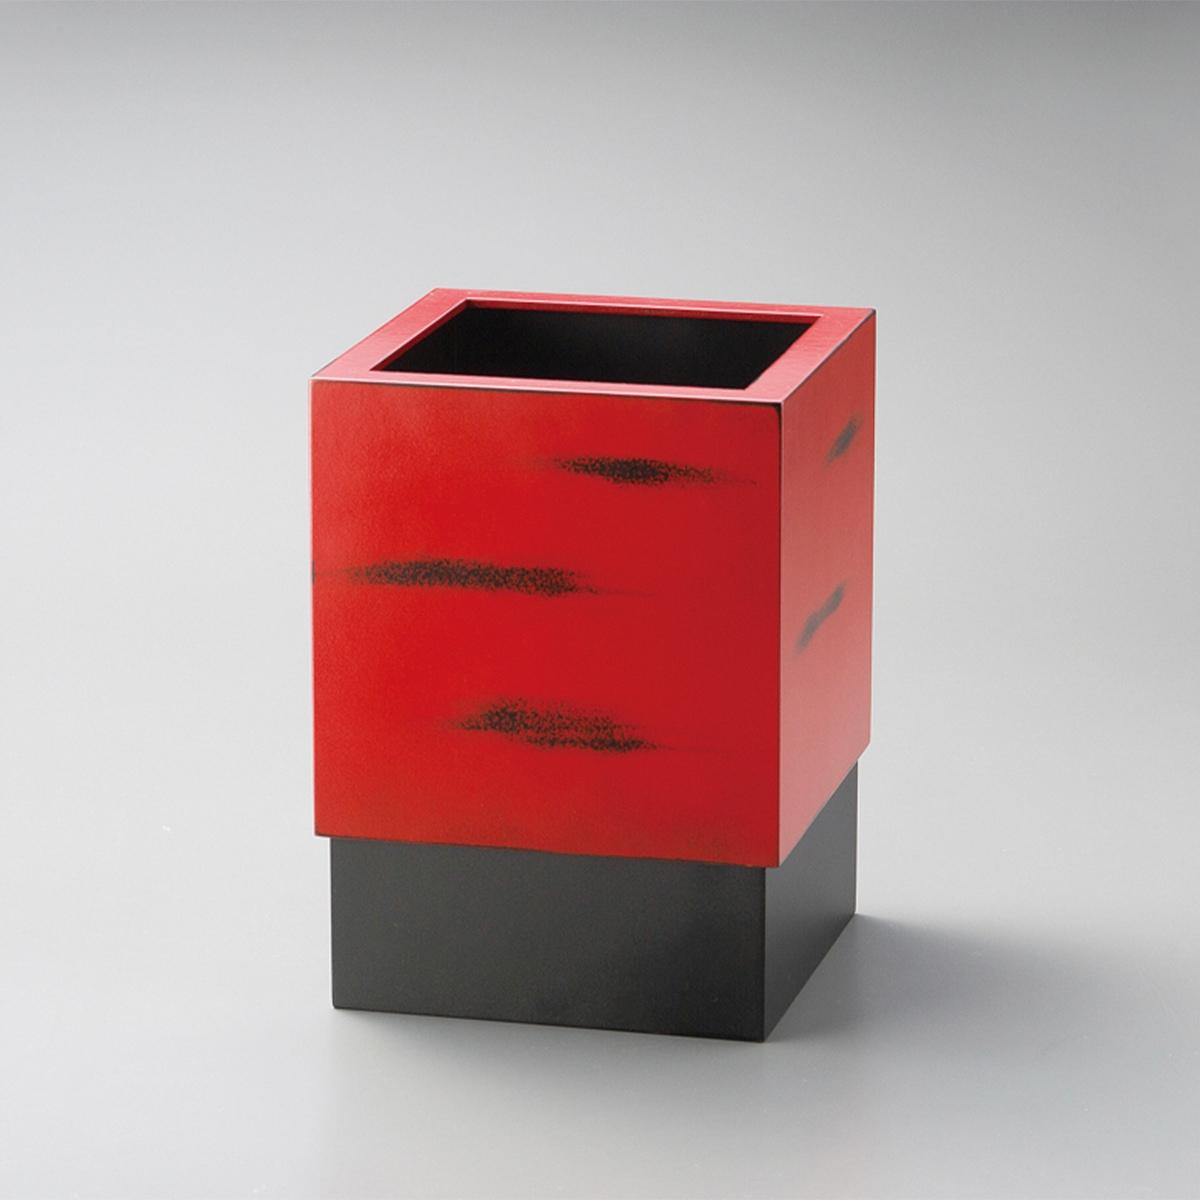 【ポイント 3倍中!更にクーポン】くず入れ(根来)宮内庁御用達 日本製 来客 艶 上品 器 漆器 高級 おすすめ 箱 生活用品 生活雑貨 ゴミ箱 くず入れ ダストボックス くずかご オシャレ リビング トラッシュボックス